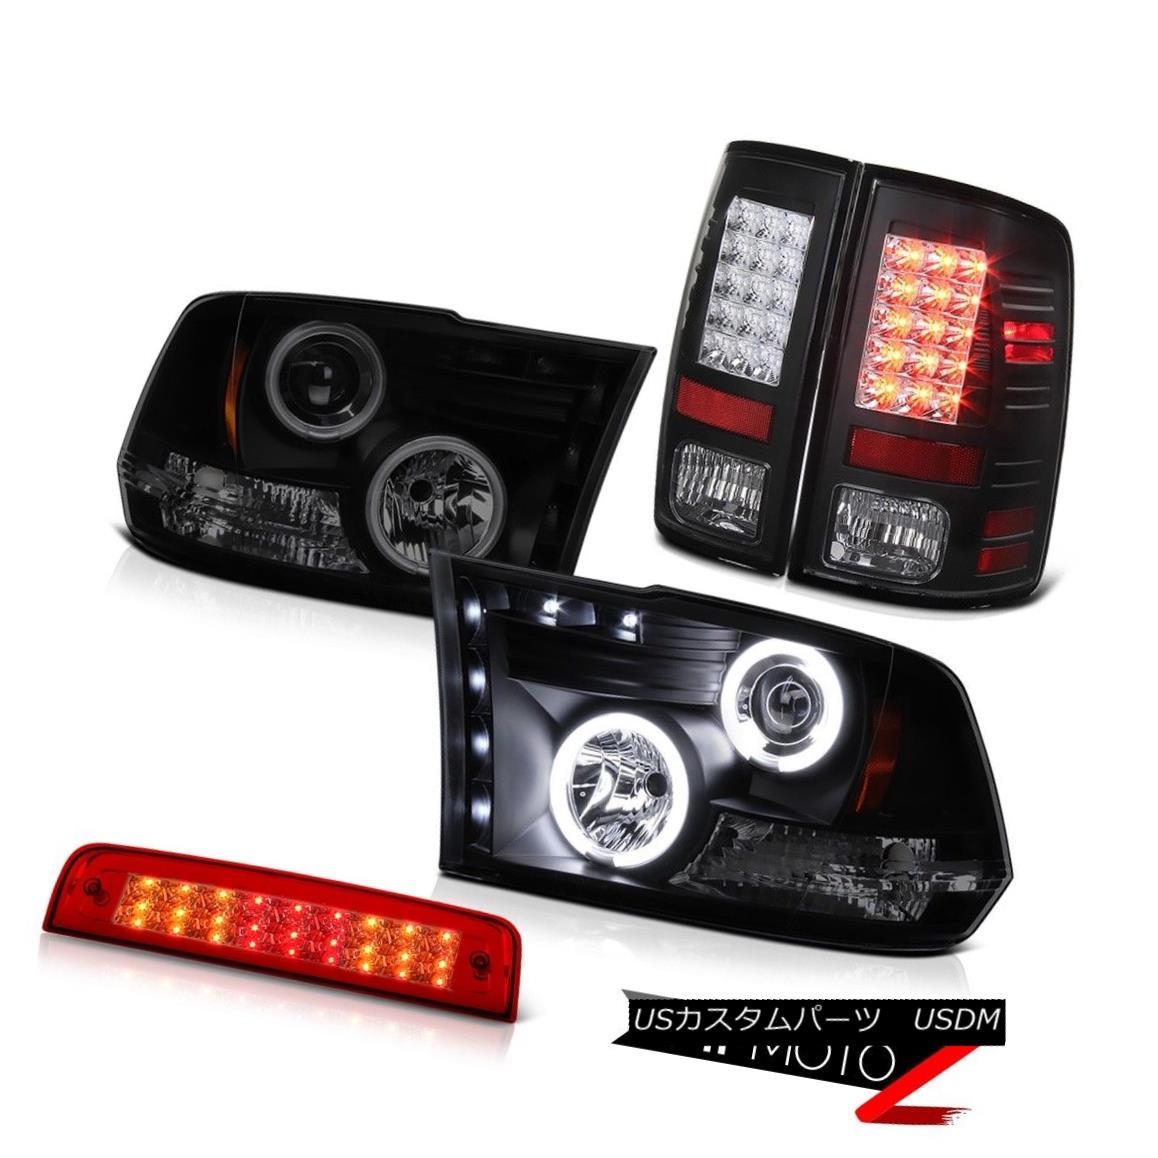 ヘッドライト 2010-2018 Ram 3500 Turbodiesel Roof Cab Light Rear Brake Lamps Headlamps LED SMD 2010-2018 Ram 3500 TurbodieselルーフキャブライトリアブレーキランプヘッドランプLED SMD